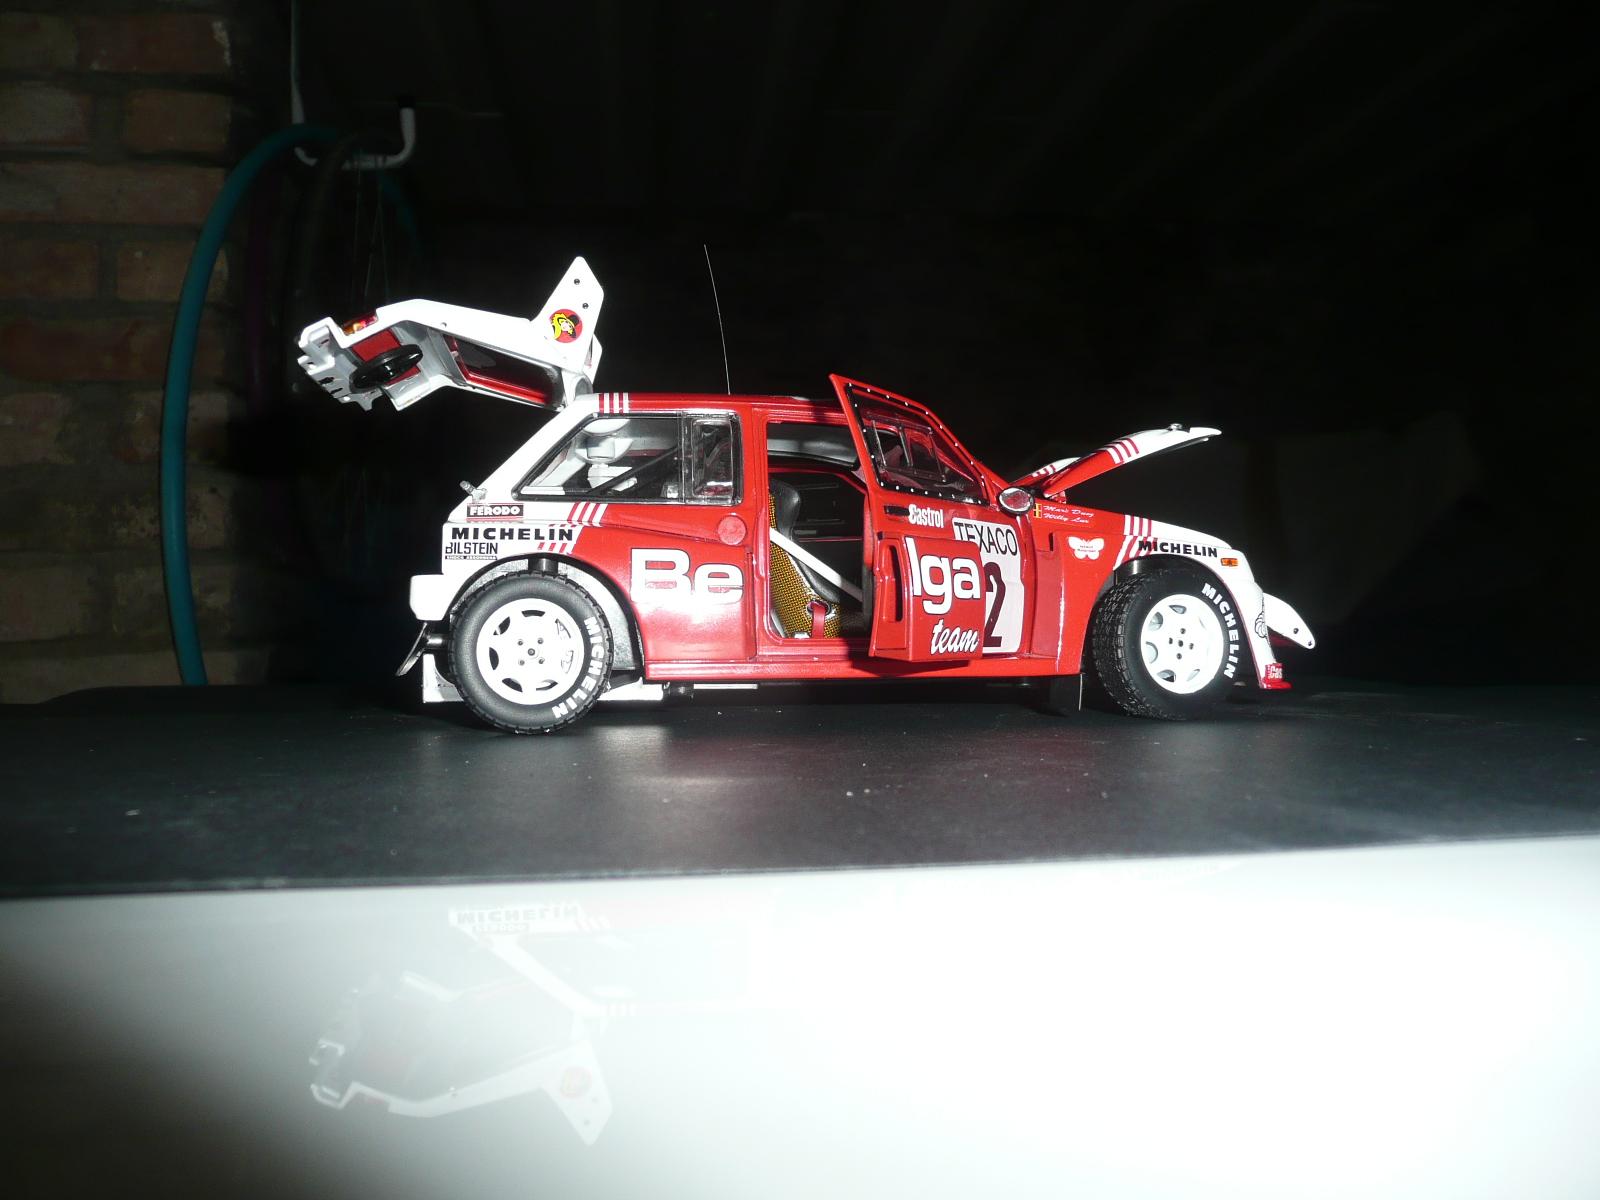 """AustinMetre 6 R4 """"Belga Team"""" - Marc Duez - Boucles de Spa 1986 1/18eme"""